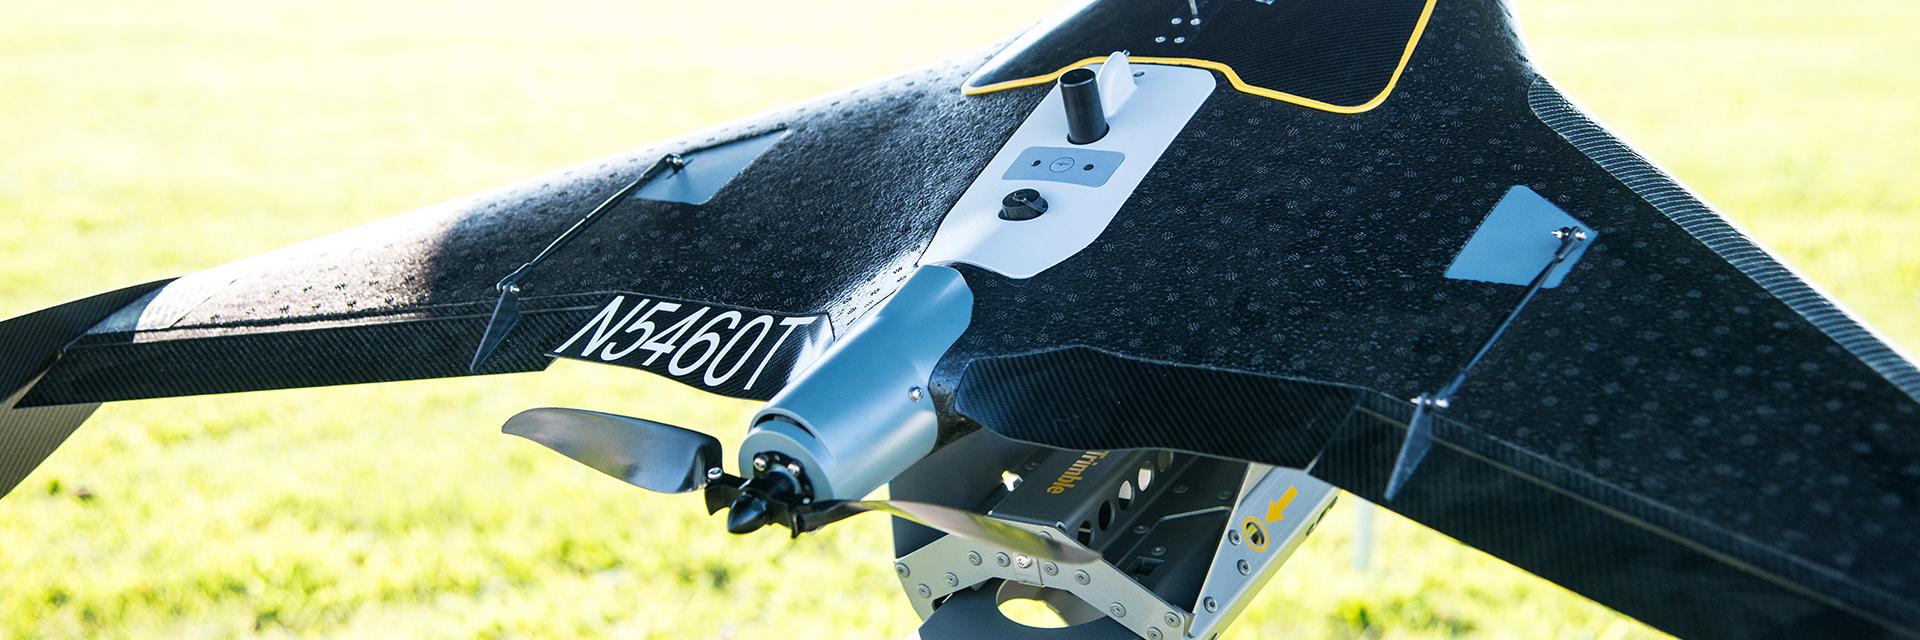 UAV-Biosystems-Engineering